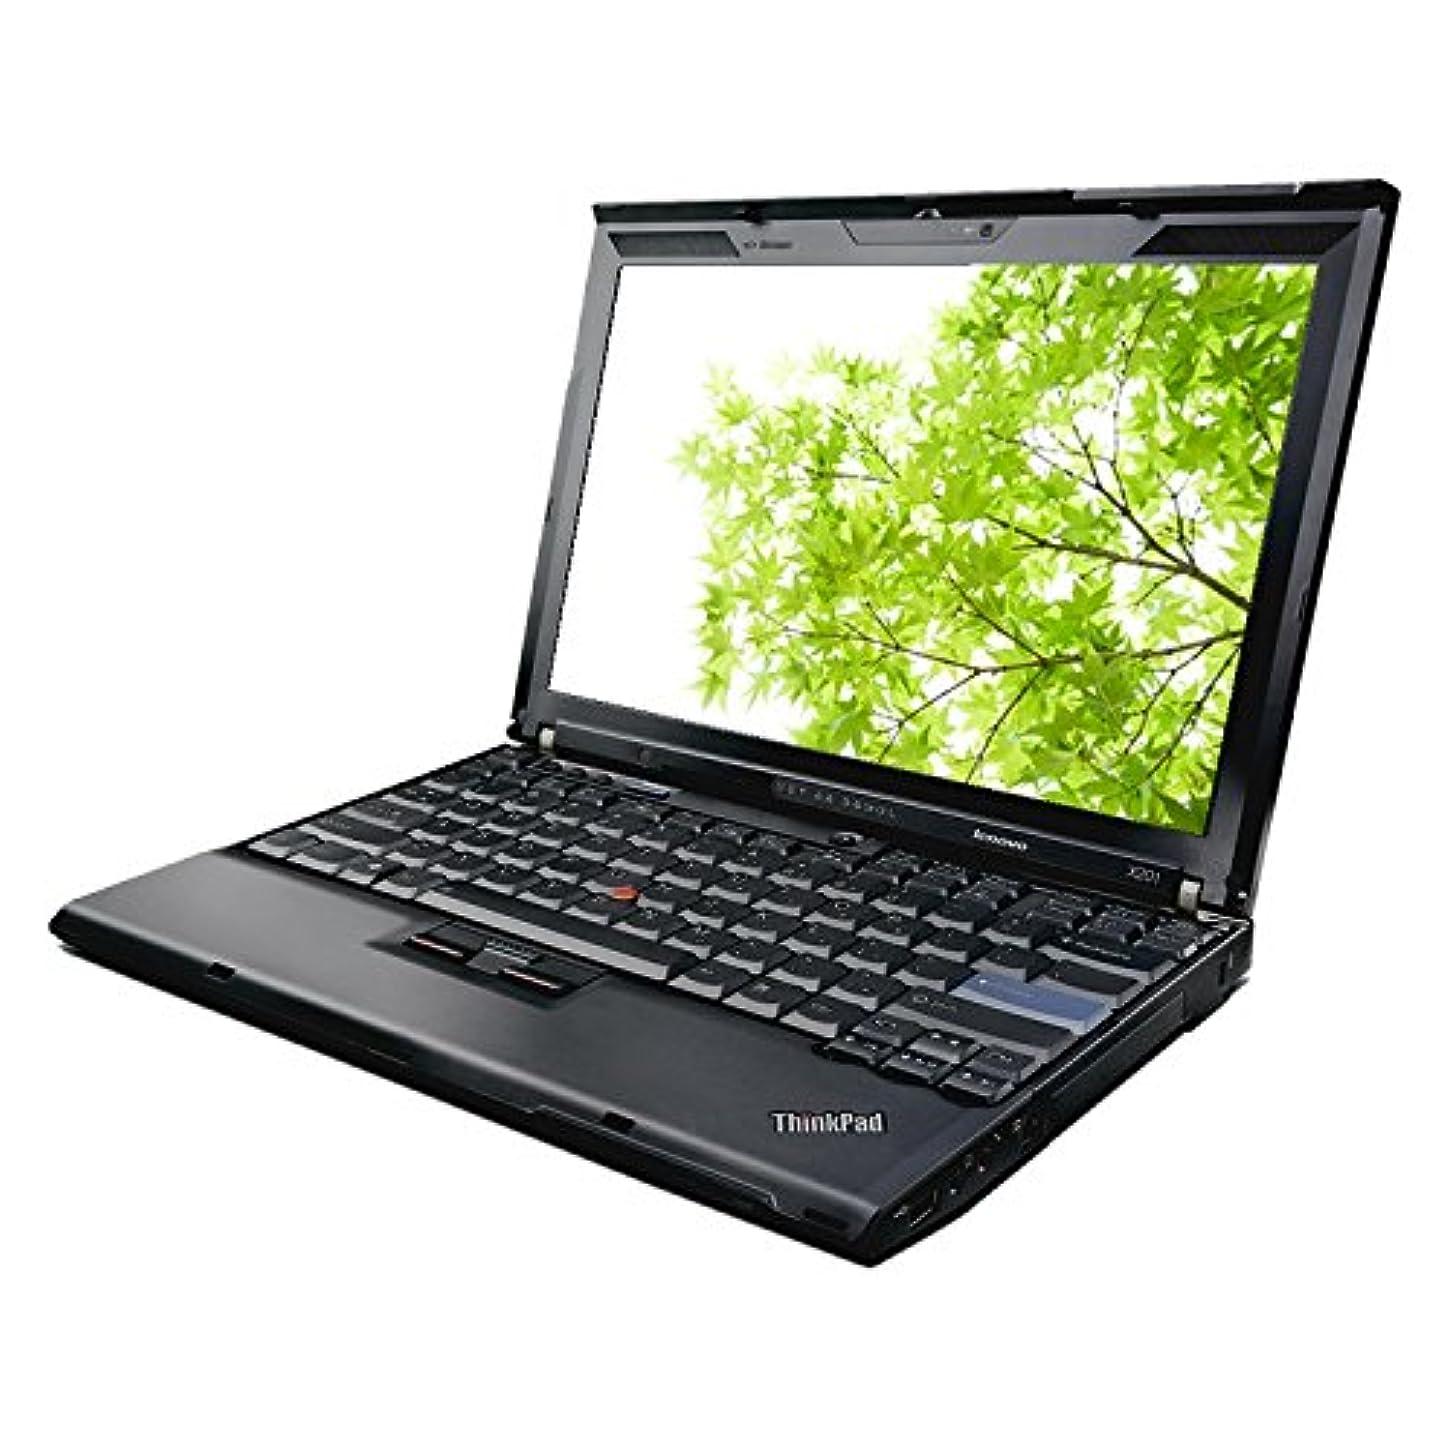 小説家適格ギャップ【中古】 ThinkPad X201i 3626-EC8 / Celeron U3400(1.06GHz) / HDD:160GB / 12.1インチ / ブラック